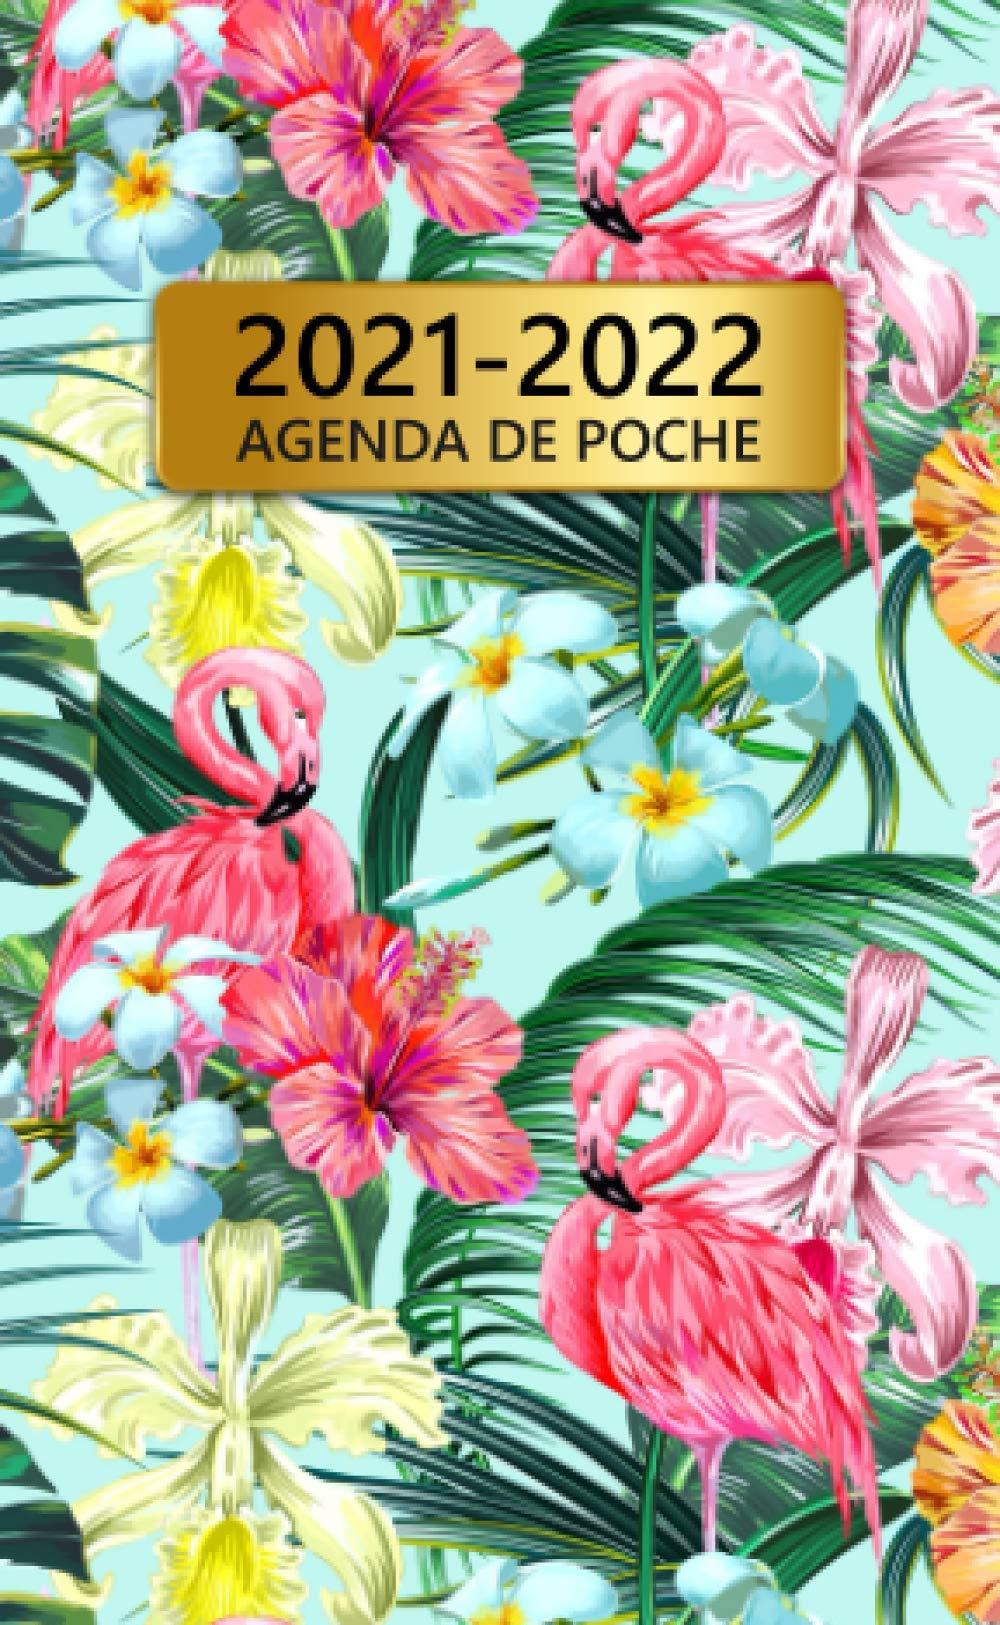 Amazon.com: 2021 2022 Agenda De Poche: 24 Mois Calendrier Mensuel